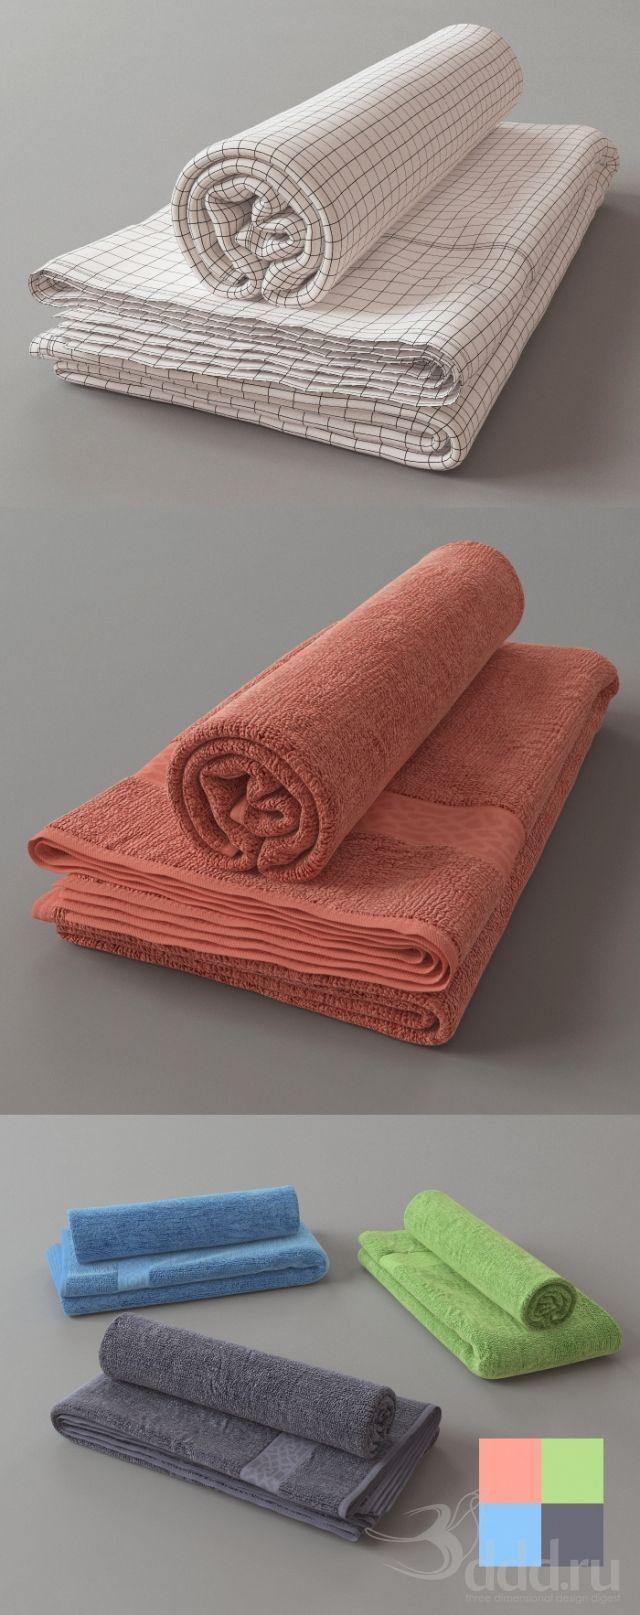 """""""PROFI"""" полотенца 3dsMax 2009 и ниже (Vray) : Декор для санузла : Файлы : 3D модели, уроки, текстуры, 3d max, Vray"""